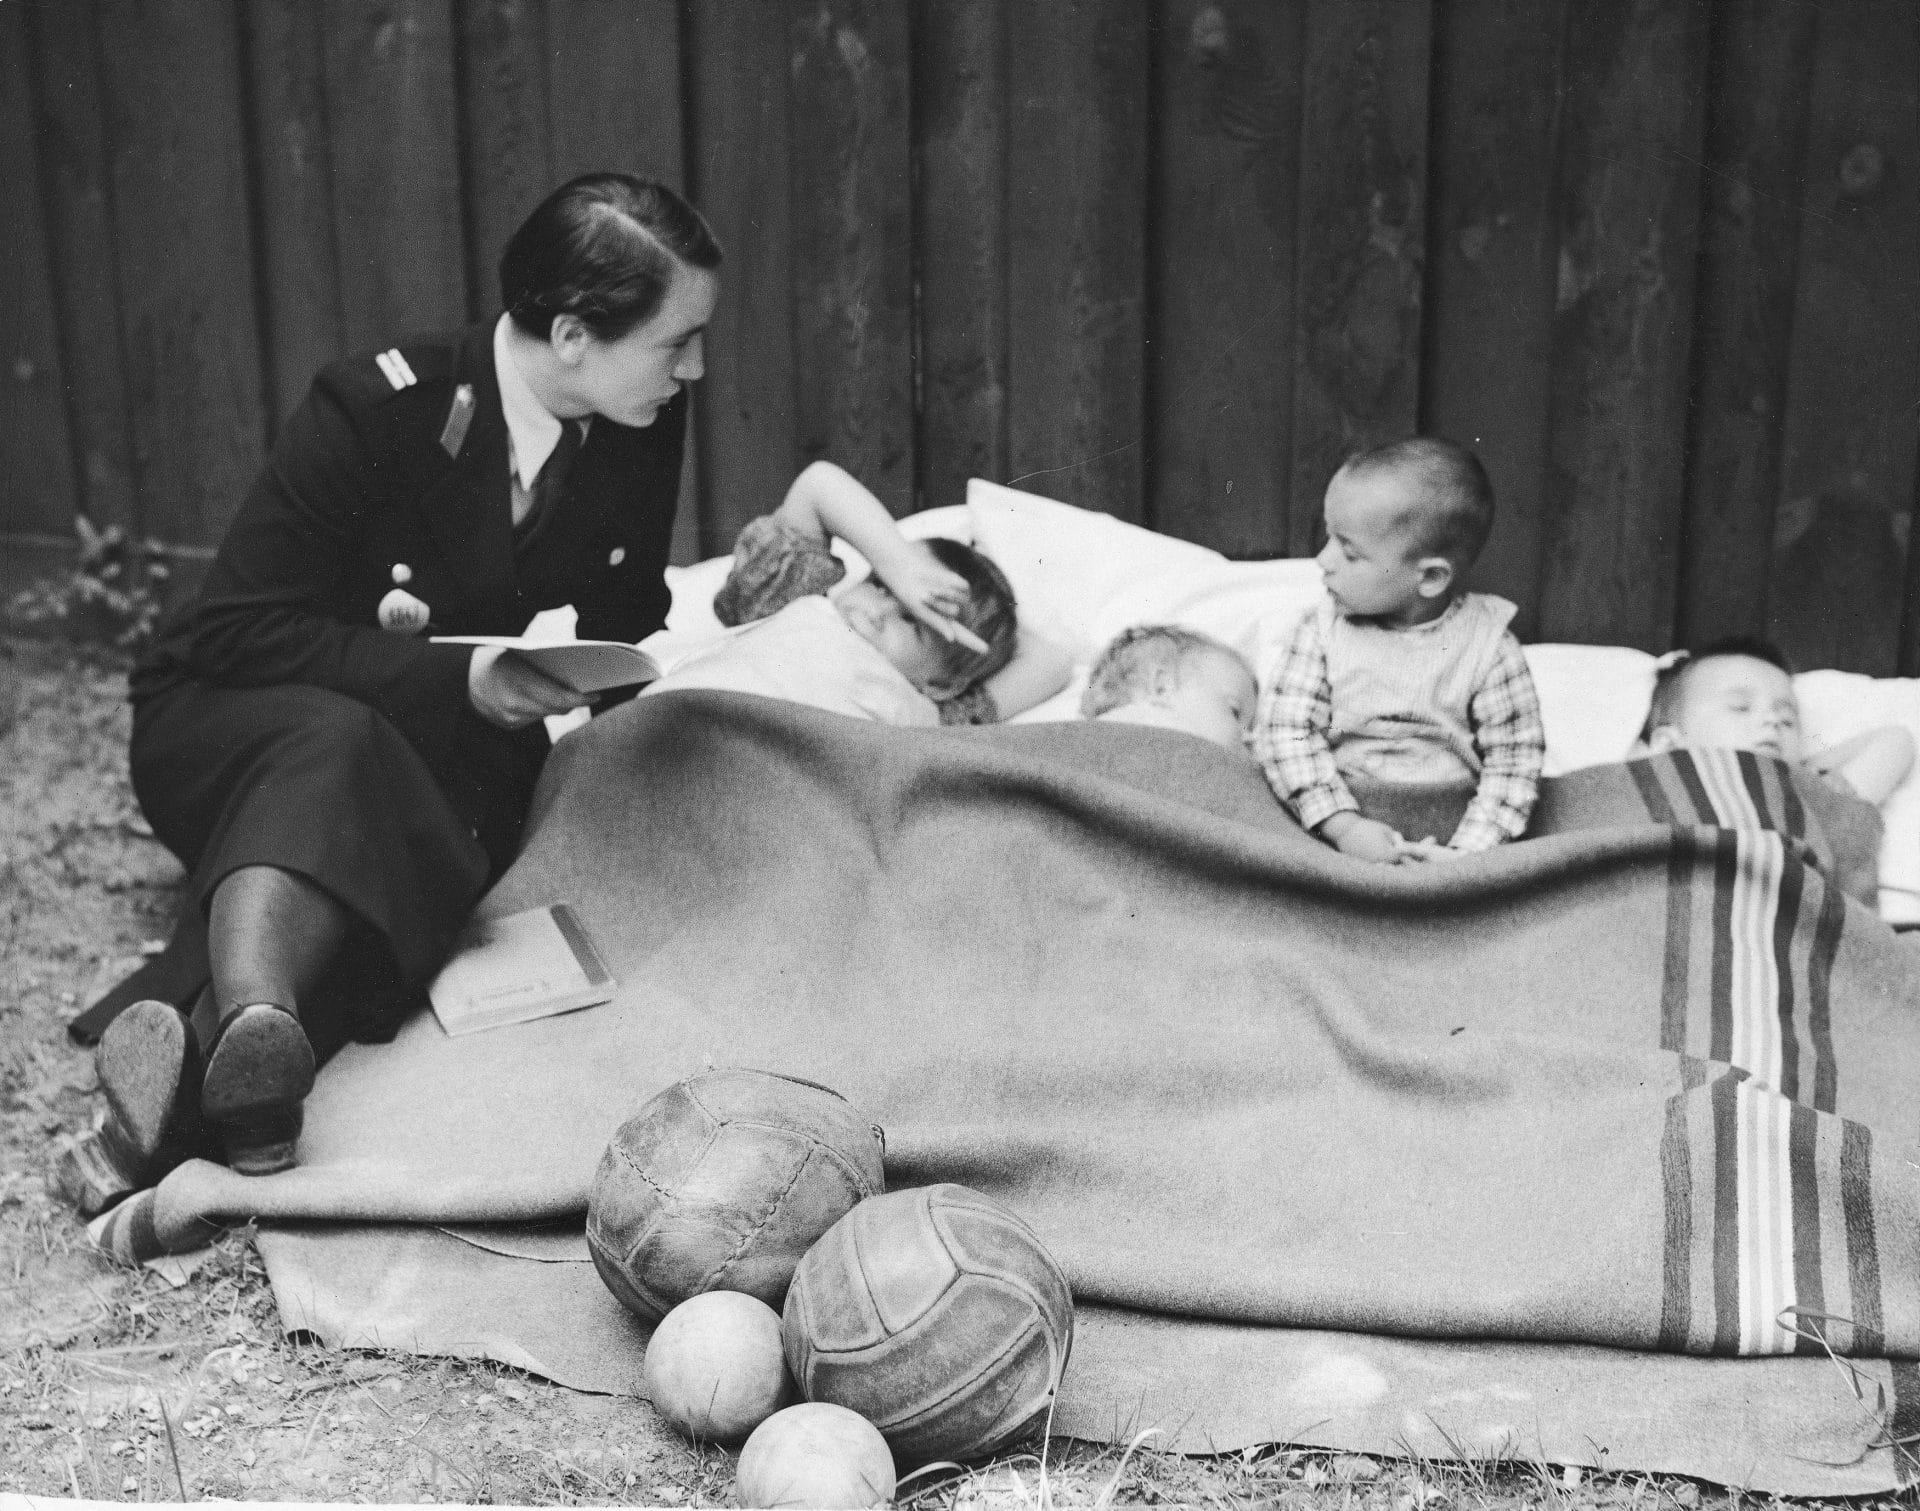 Policjantka czyta dzieciom przebywającym w Izbie Dziecka. 1937 rok. Fot. Narodowe Archiwum Cyfrowe.